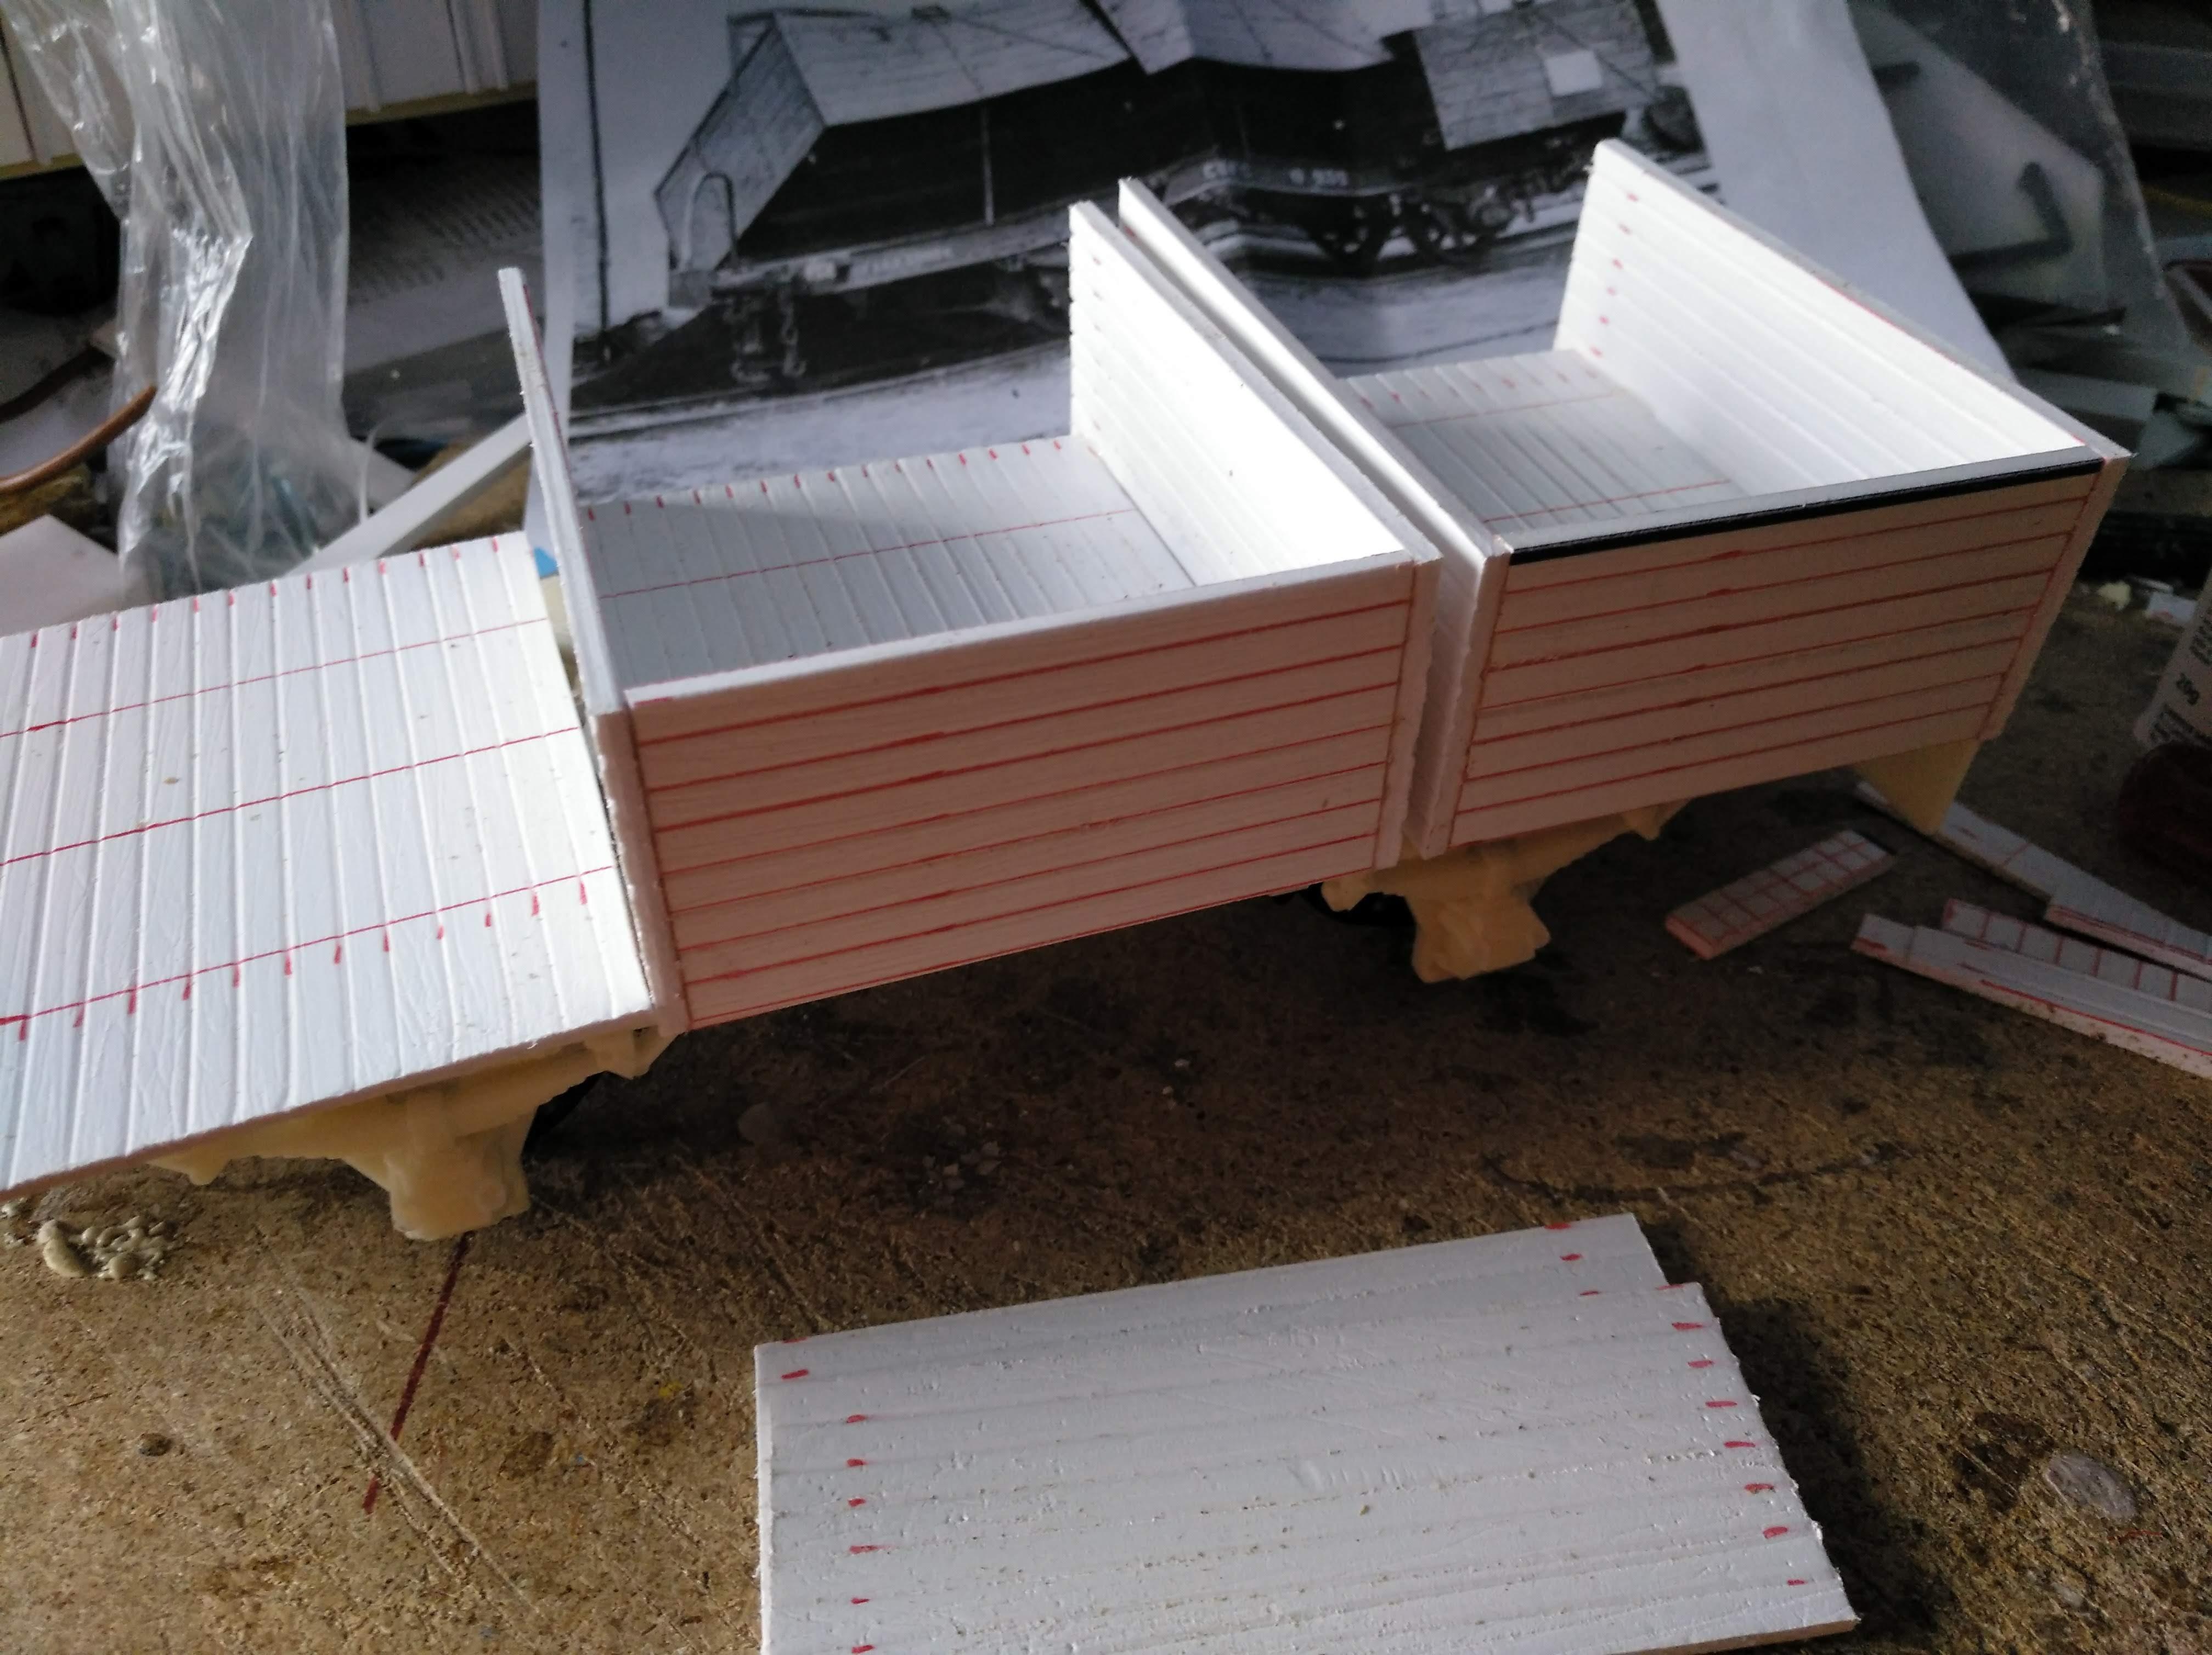 vagons de catalans - Página 36 Img_2426